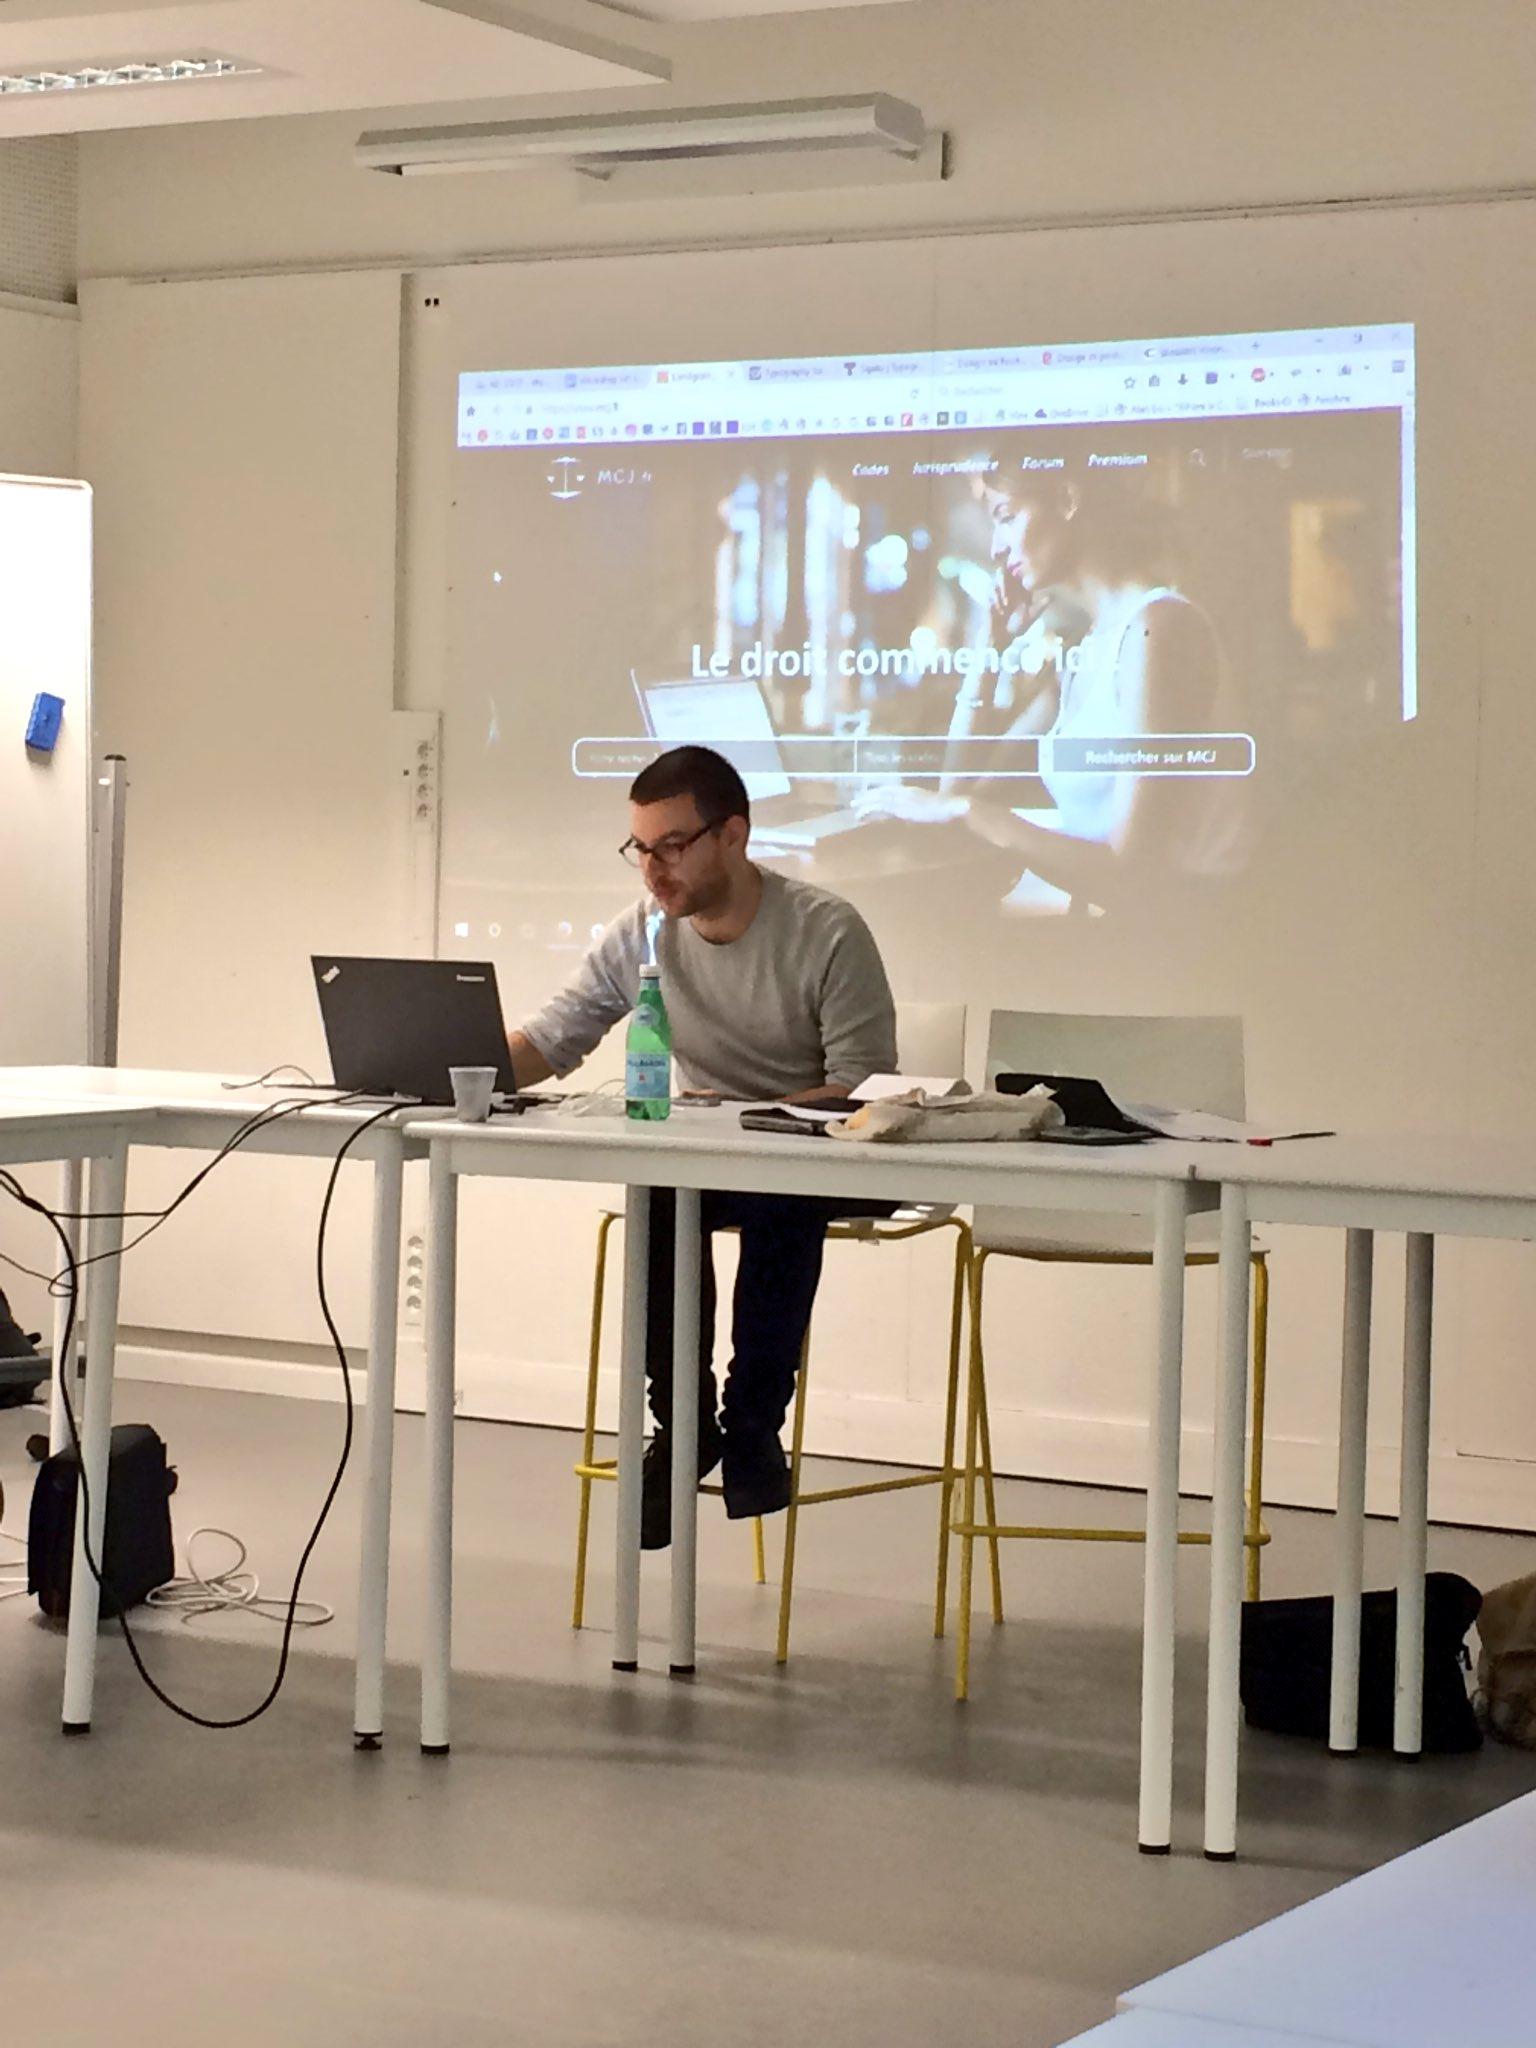 @AnthonyMasure // Workshop Interculturalité @UTJeanJaures #masterDTCT #DesignJustice #WsInterculturalité #WorkshopInterculturalité https://t.co/MgDpzMu8Y9